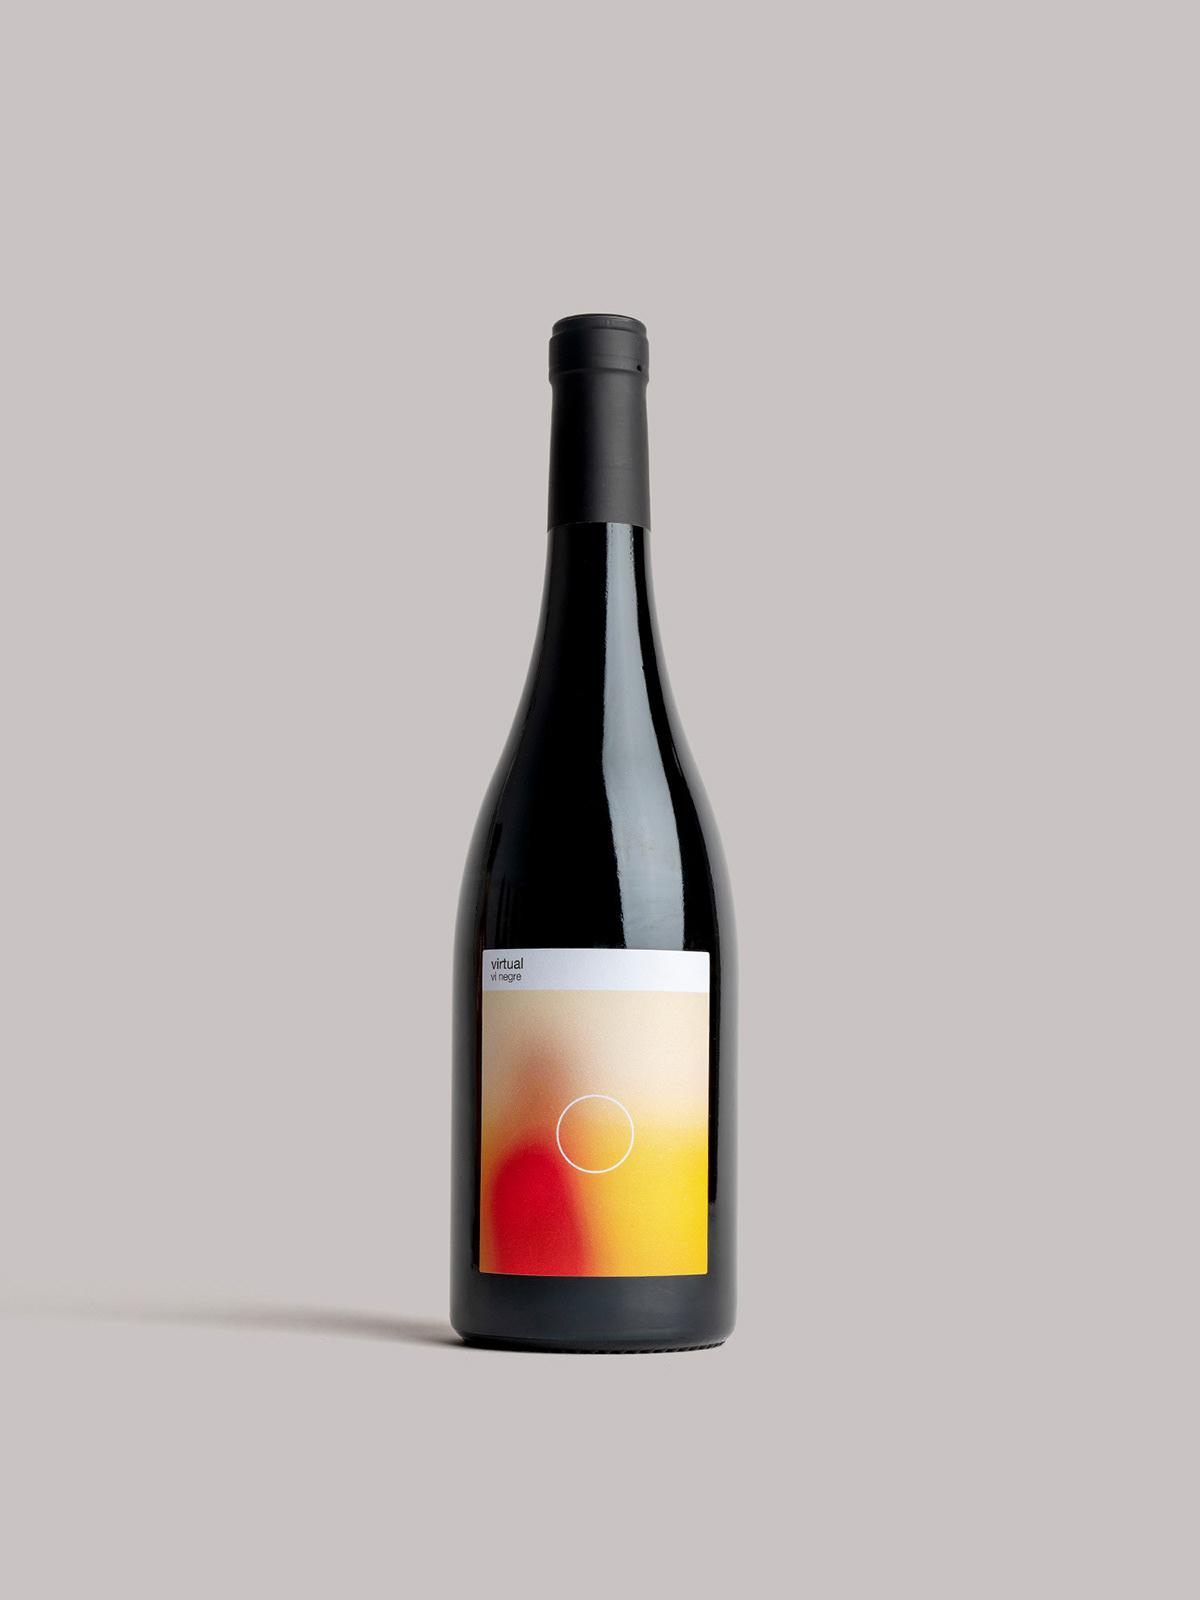 概念性!葡萄酒瓶包装设计